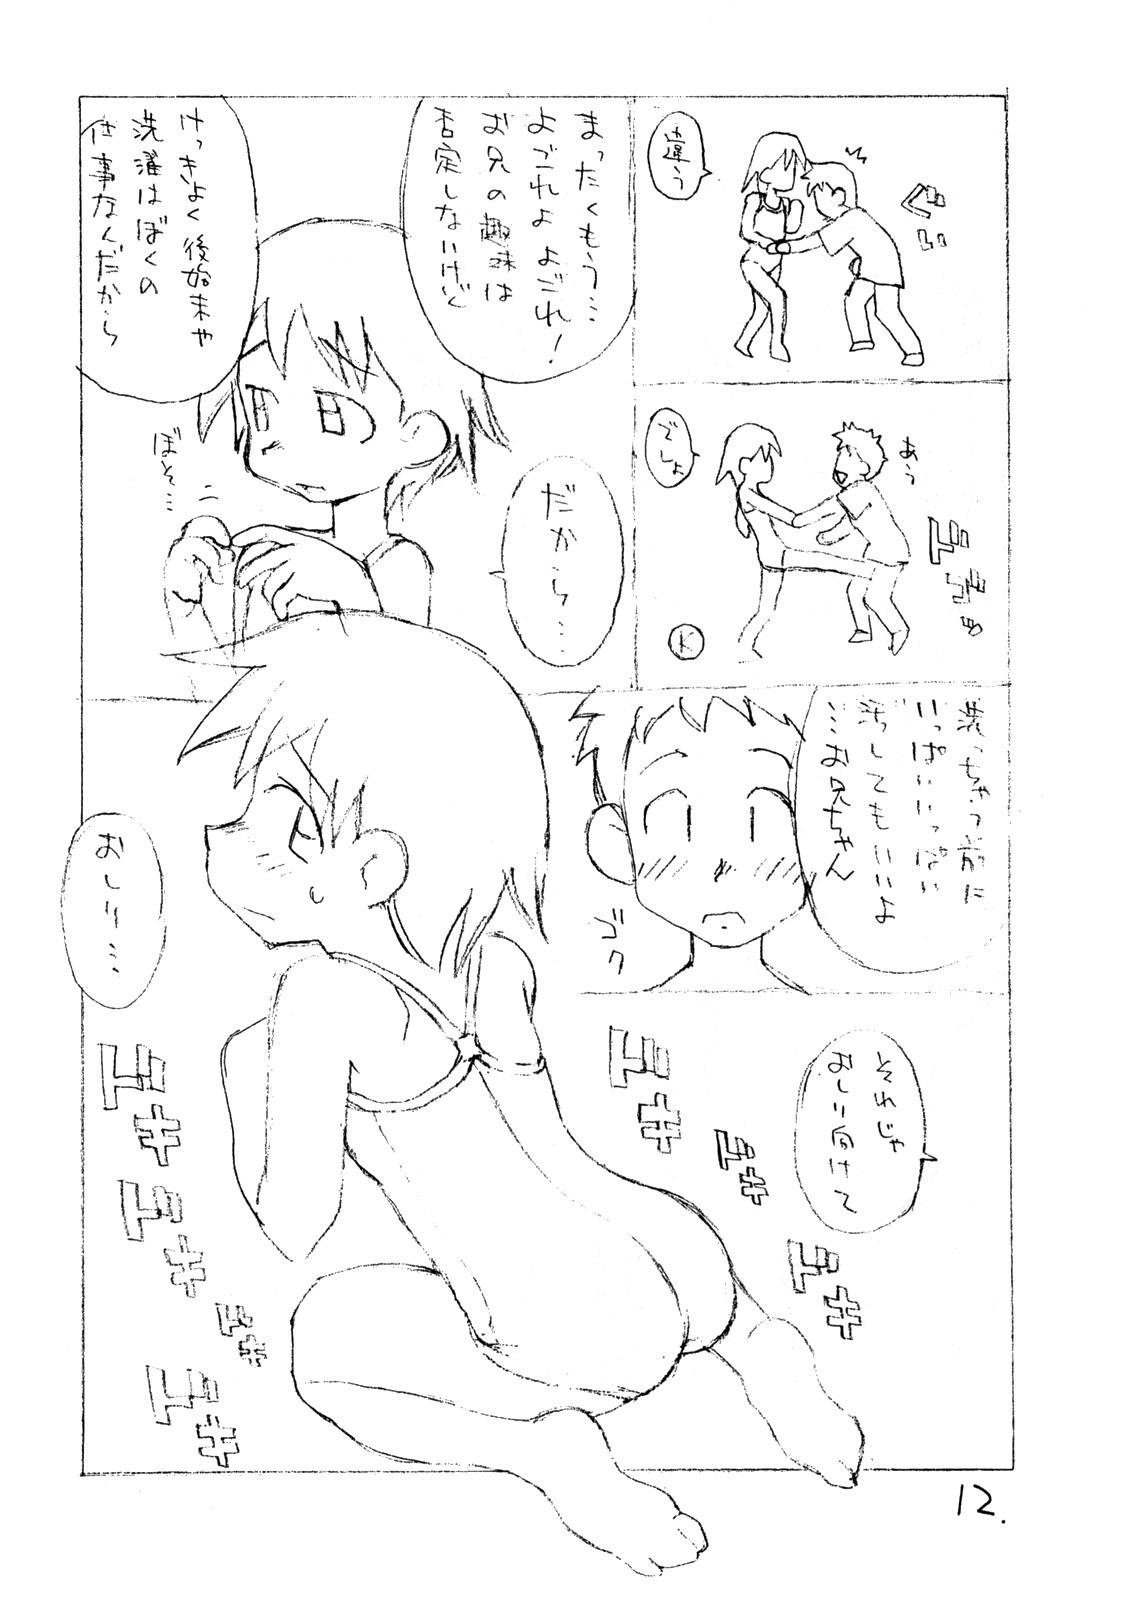 Okosama One-touch 10